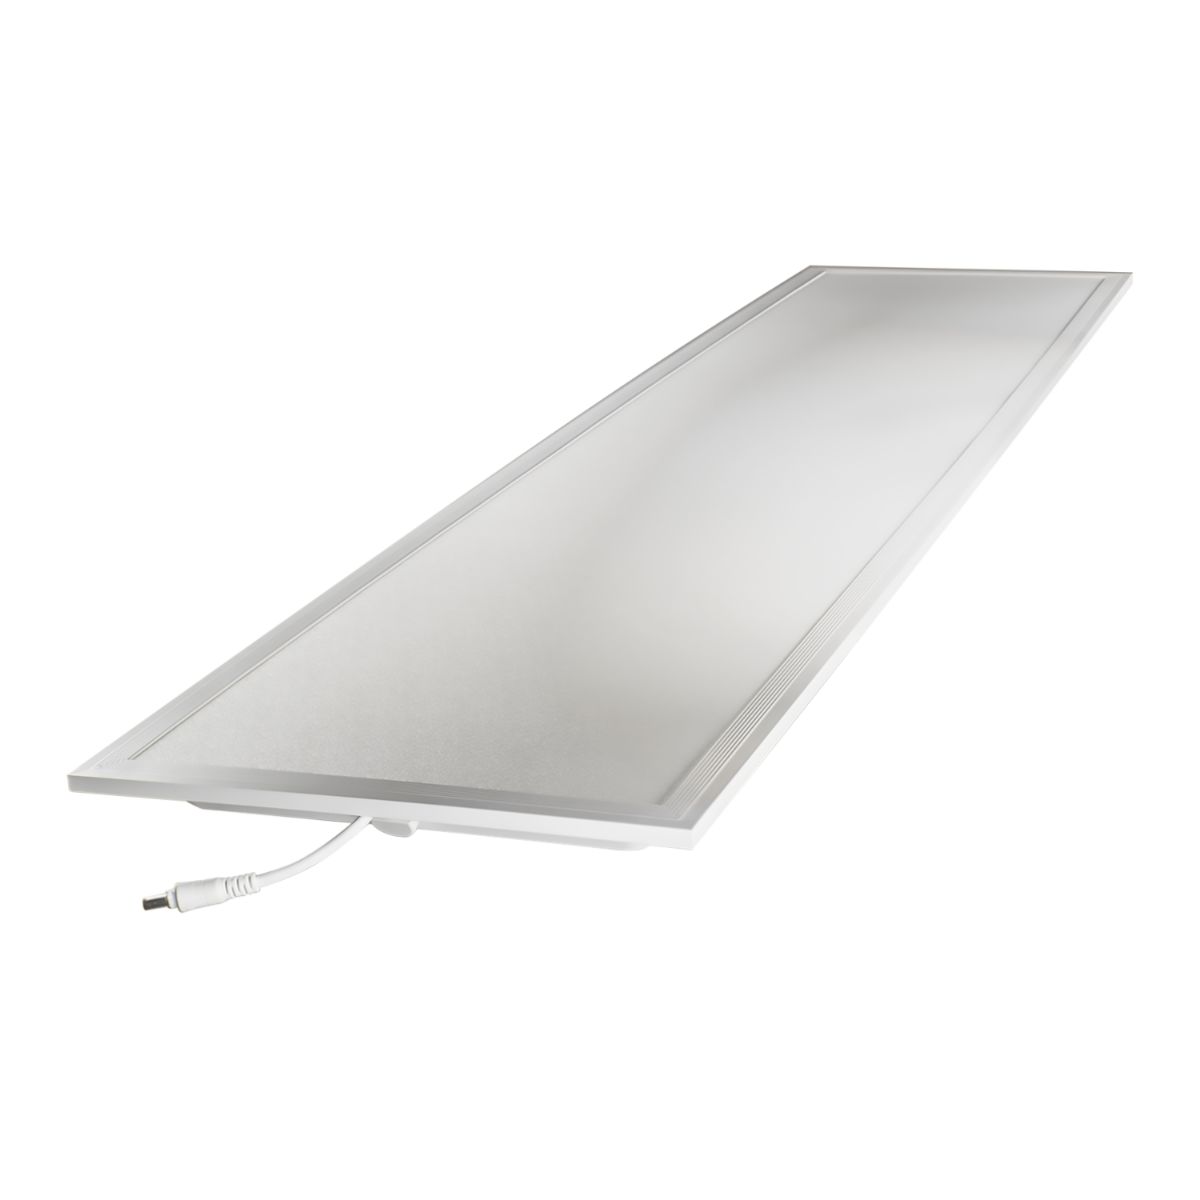 Noxion LED Panel Econox 32W 30x120cm 4000K 4400lm UGR <22 | Kaltweiß - Ersatz für 2x36W